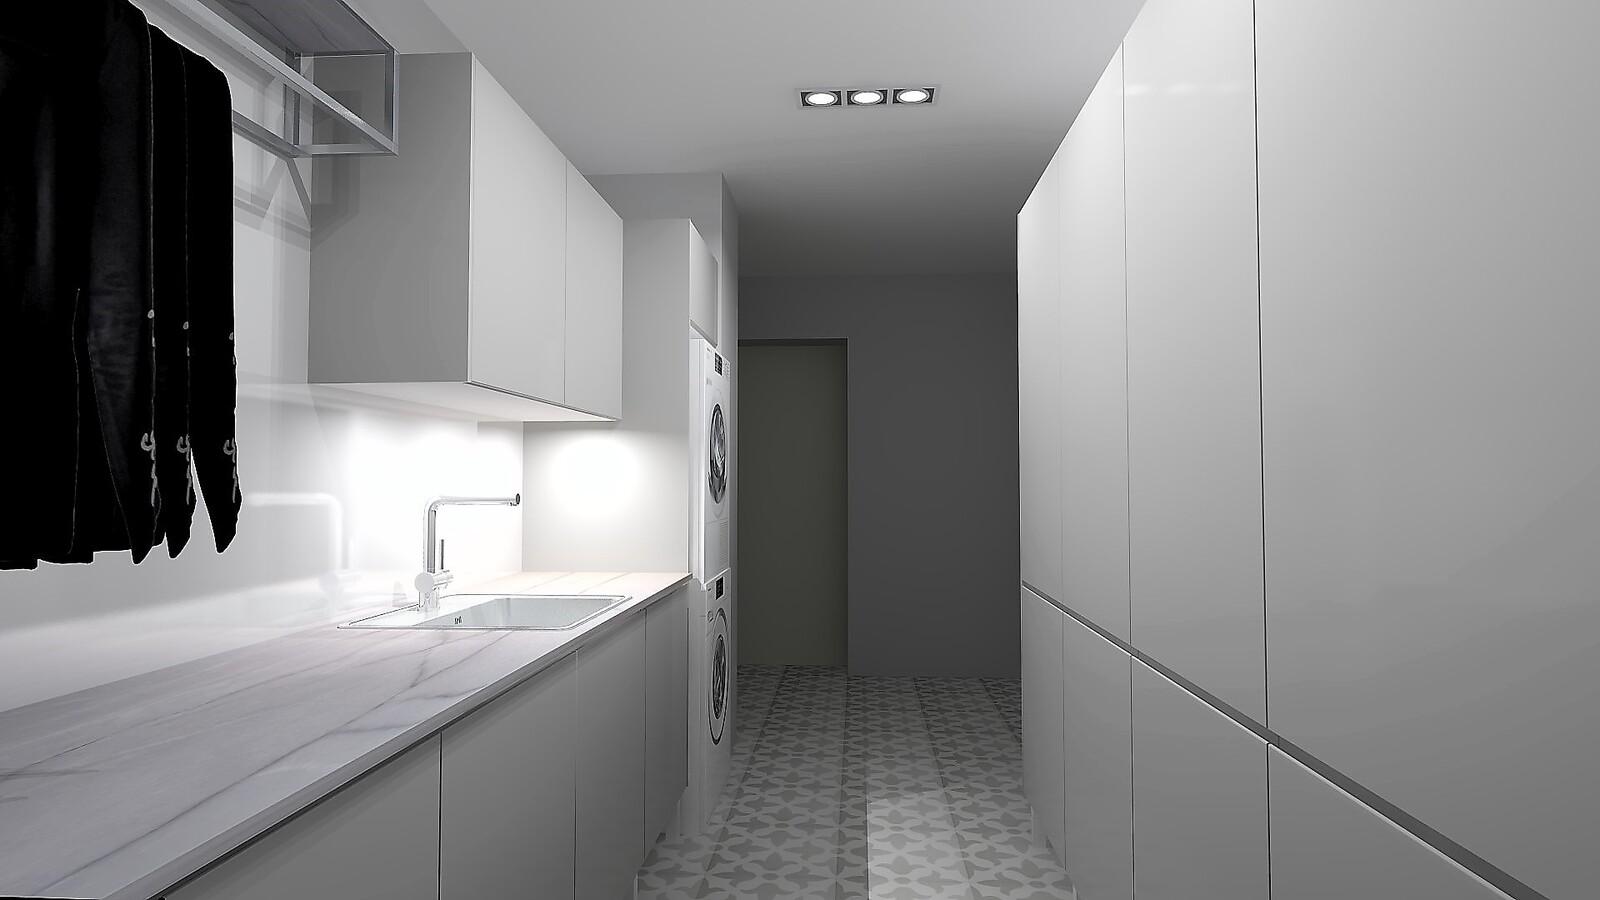 Käytännöllisessä kodinhoitohuoneessa on loistavat tilat pyykkihuoltoon. title=